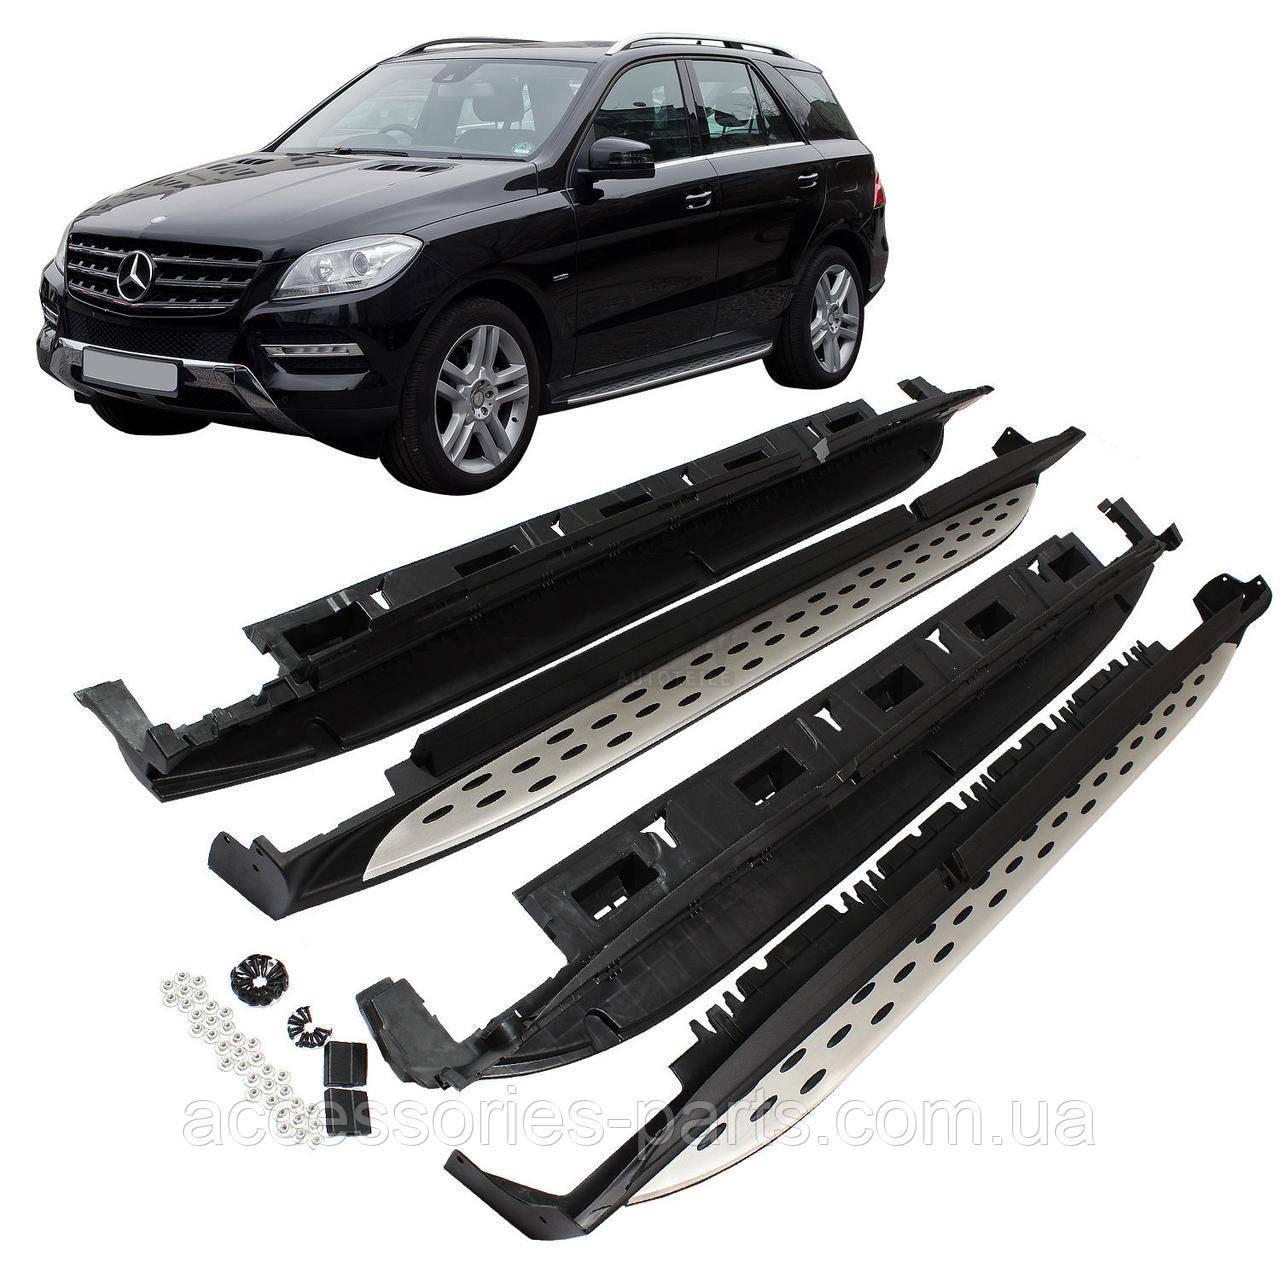 Підніжки пороги Mercedes-Benz ML-Class W166 Нові Оригінальні